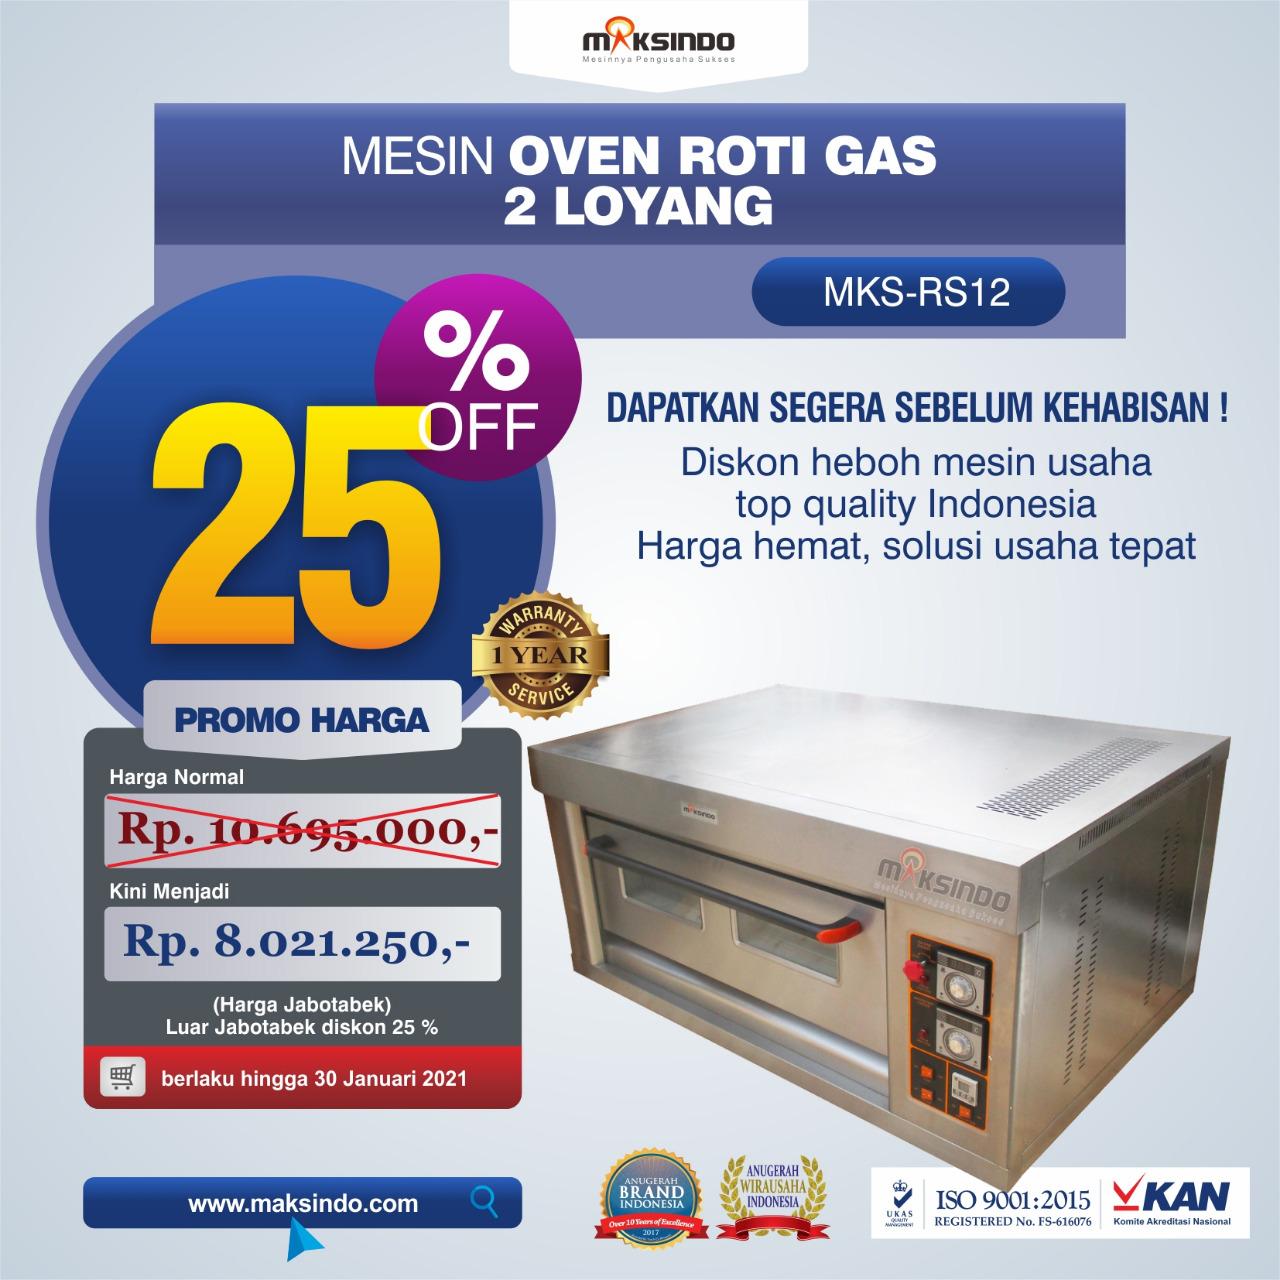 Jual Mesin Oven Roti Gas 2 Loyang (MKS-RS12) di Bekasi